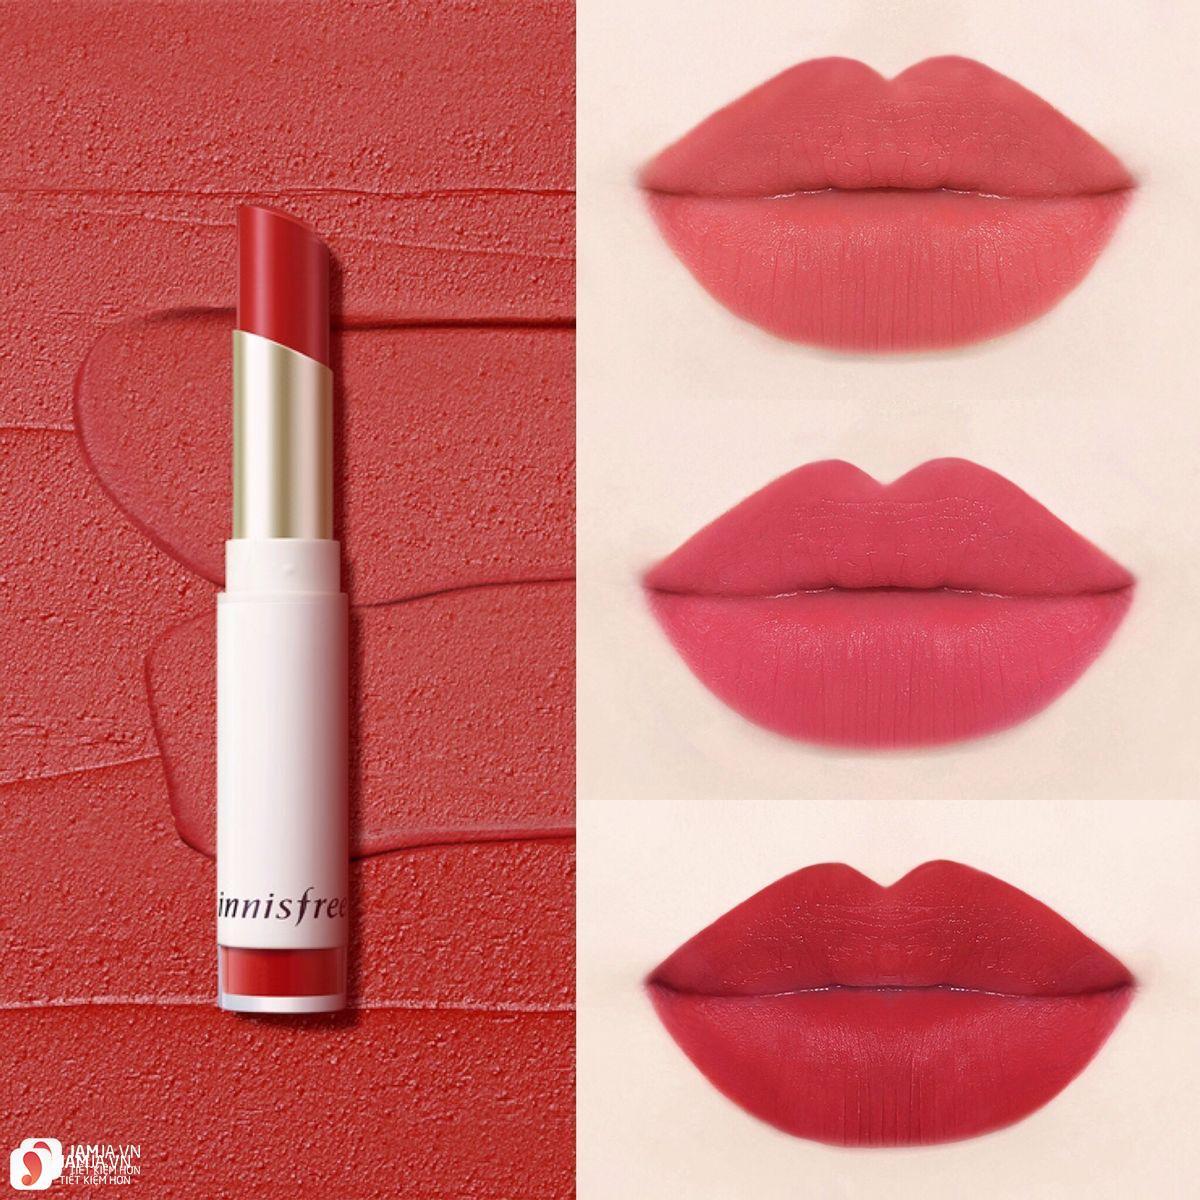 Son Innisfree Real Fit Velvet Lipstick 2